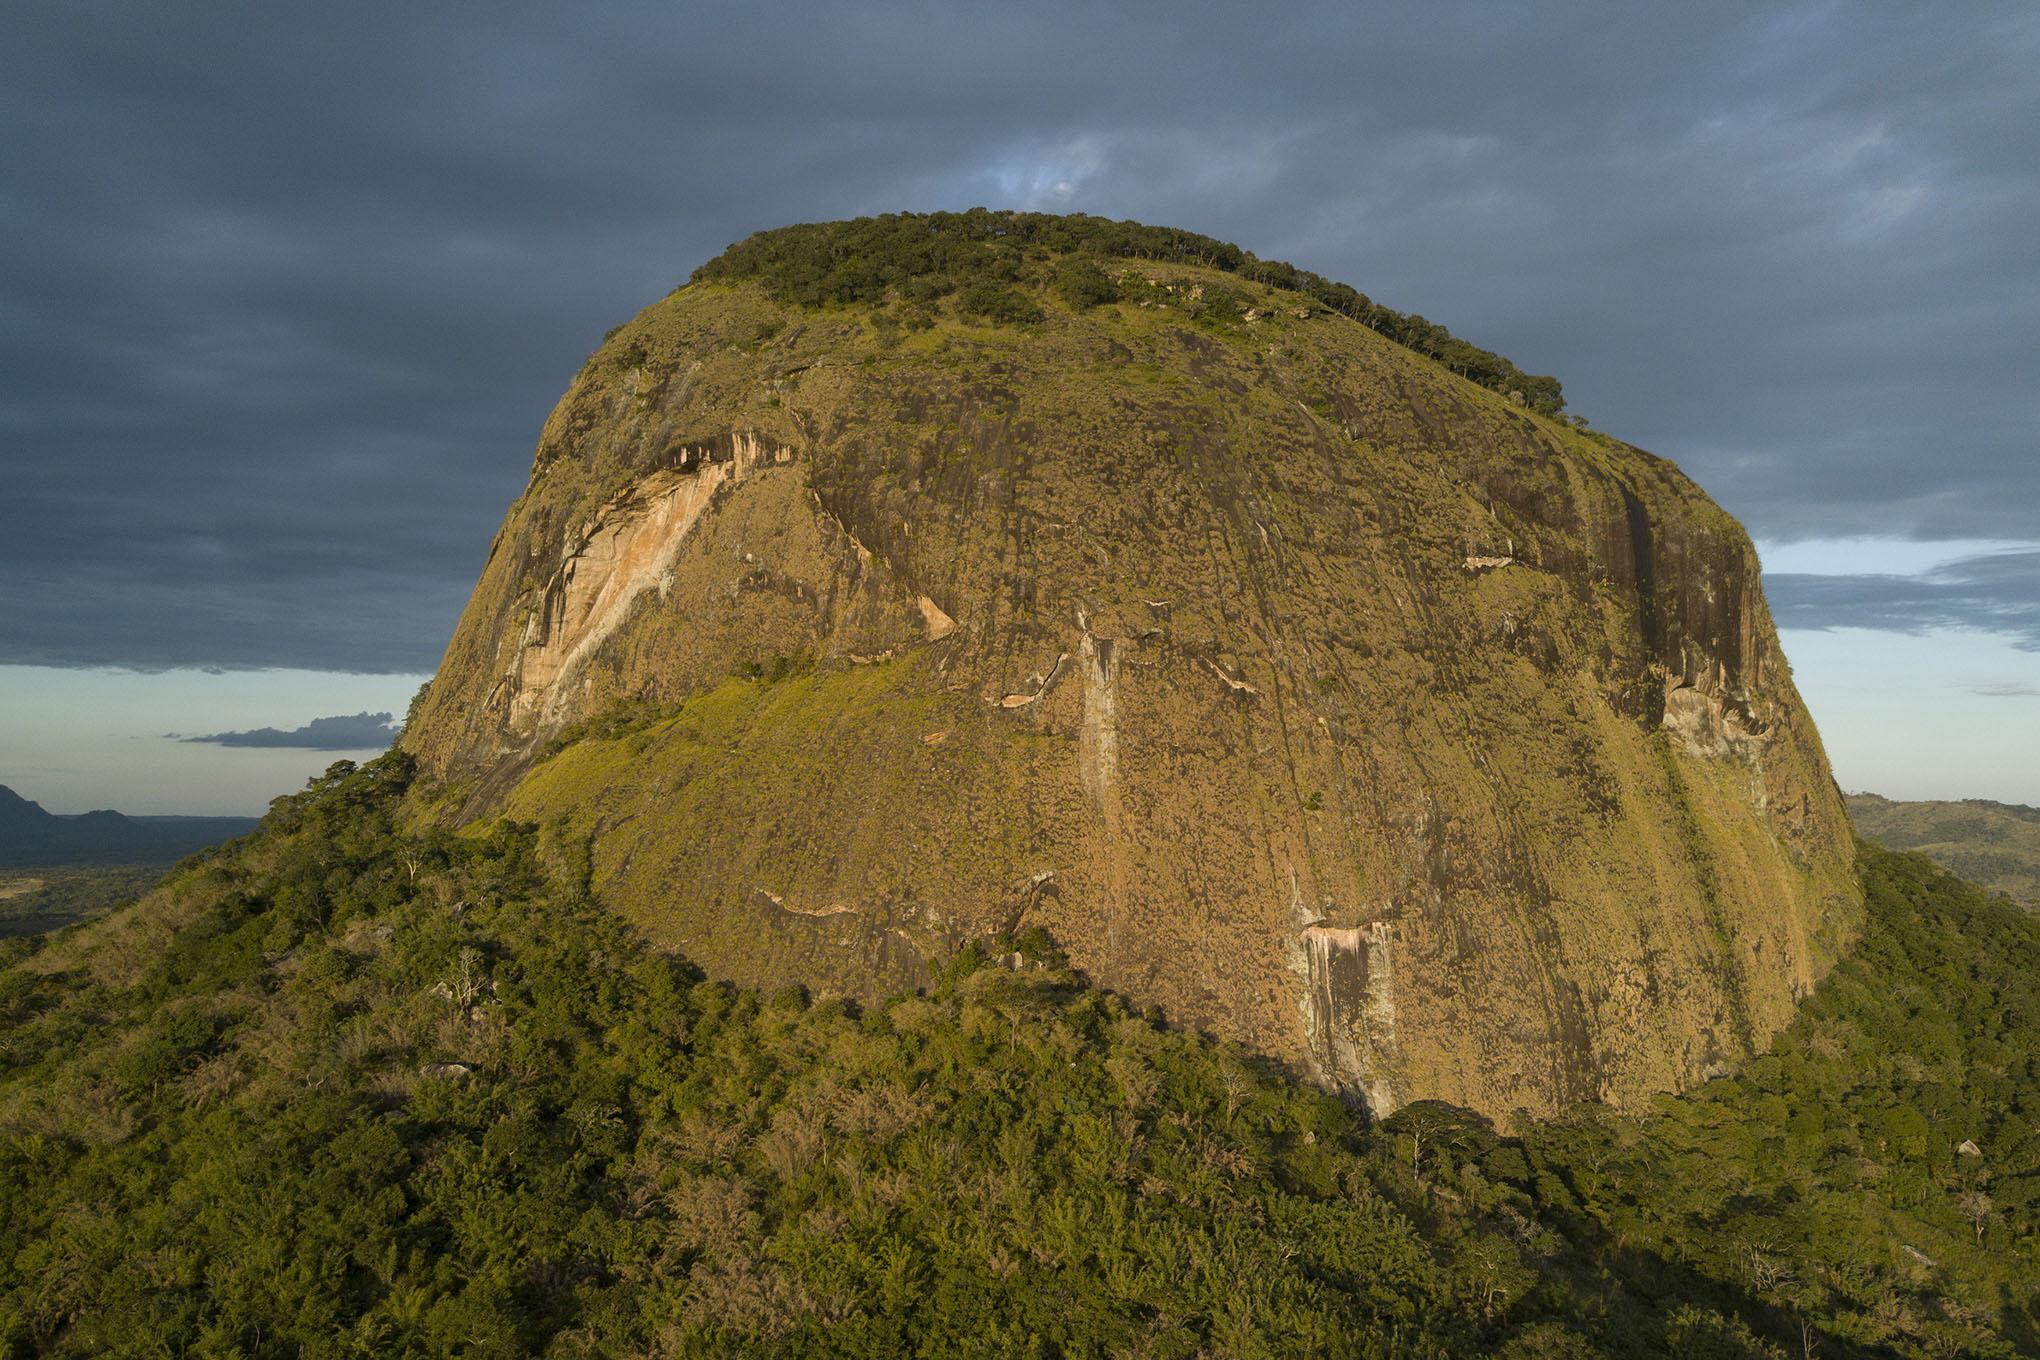 Mount Lico